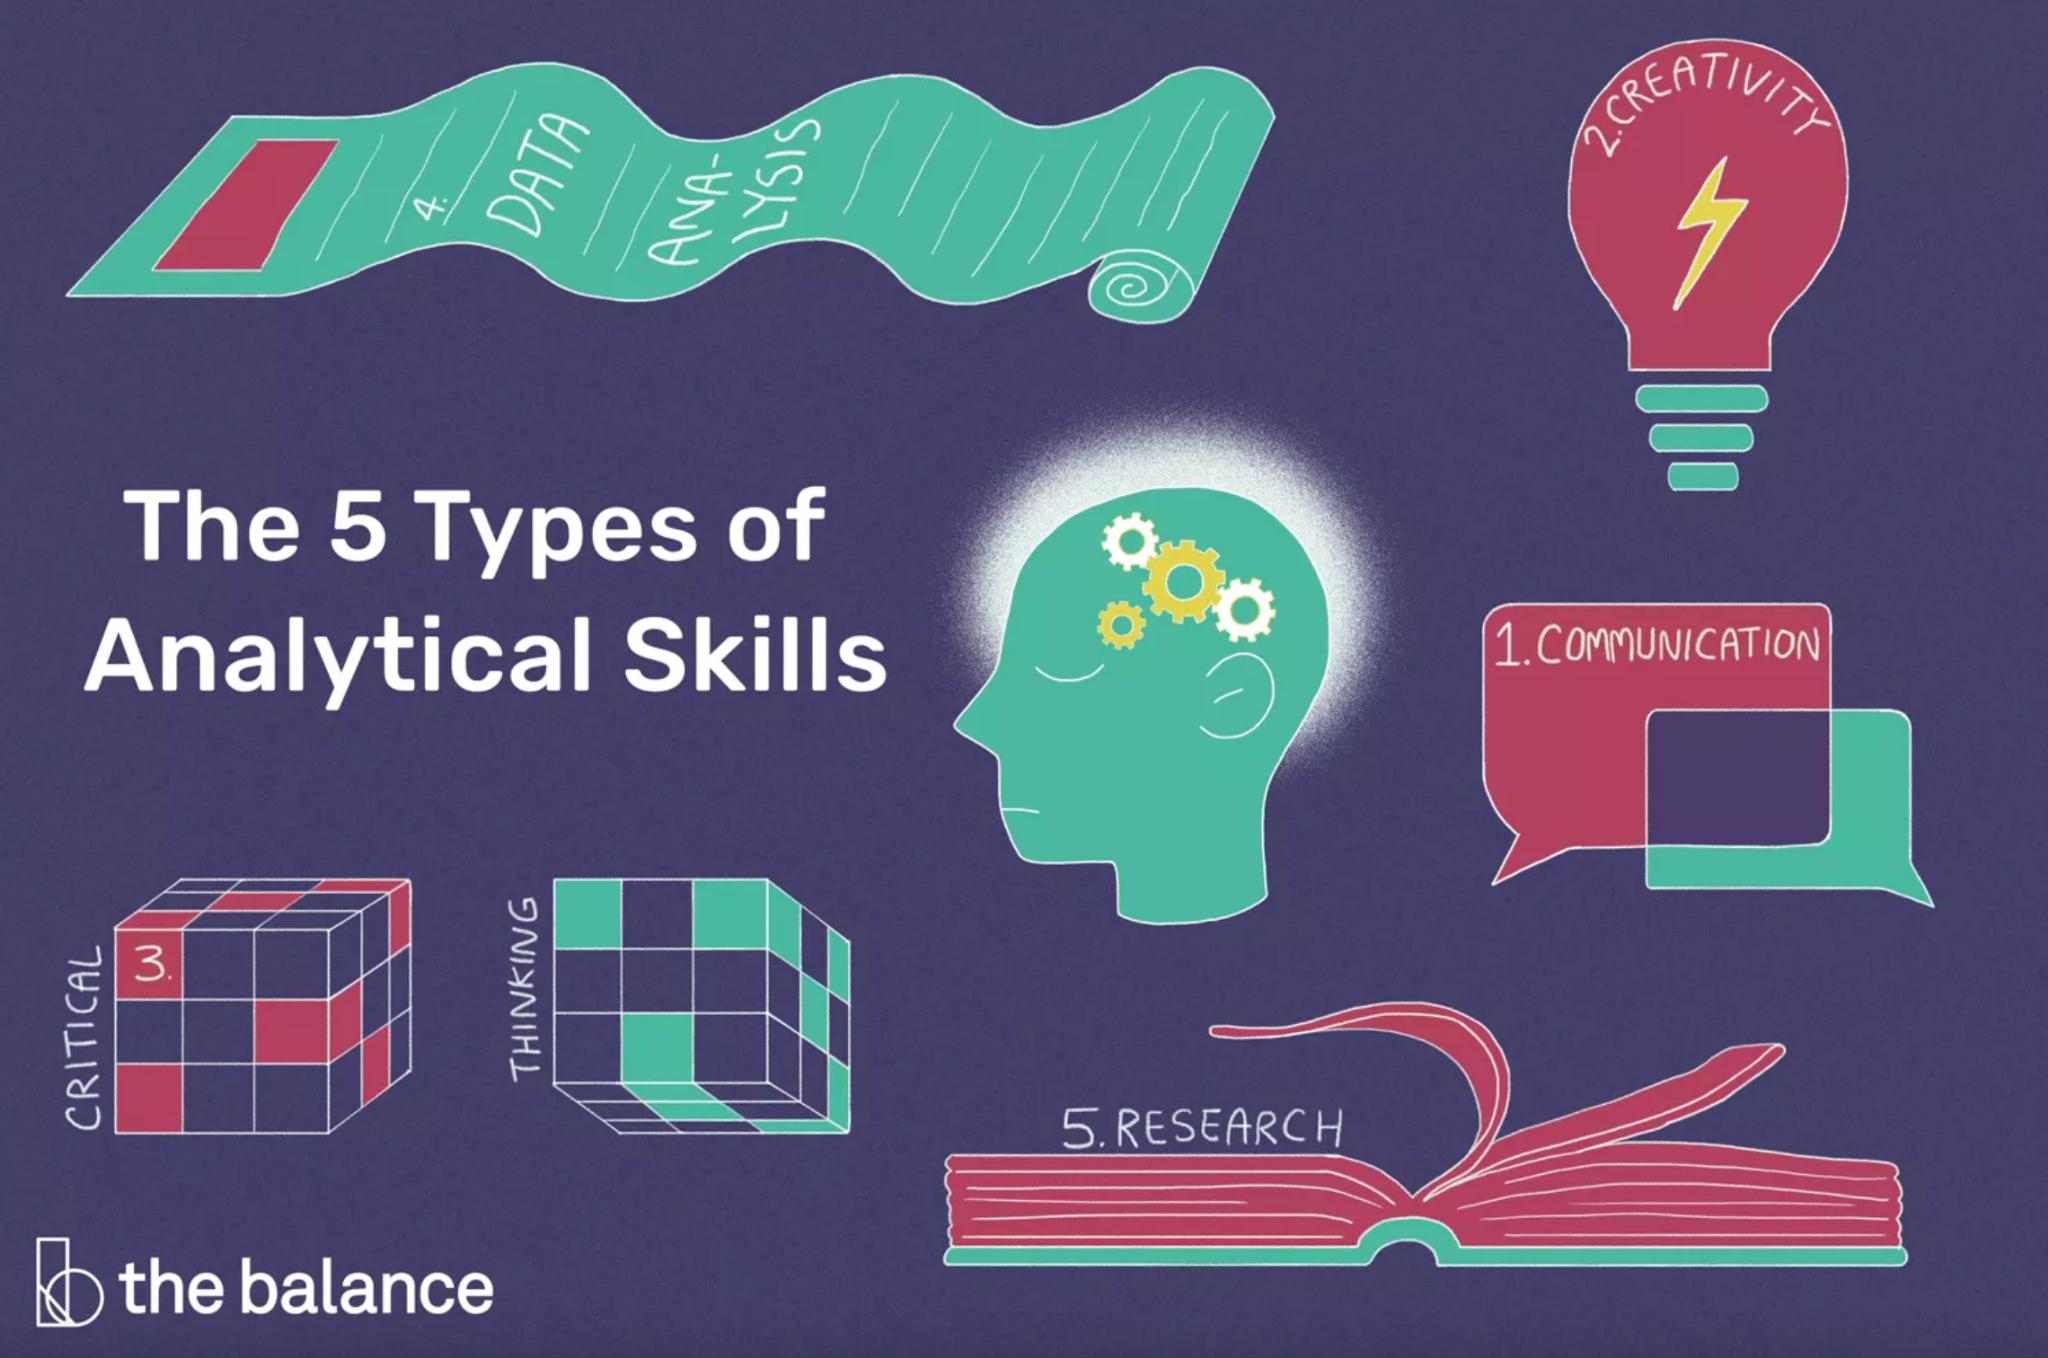 5 Types of Analytical Skills